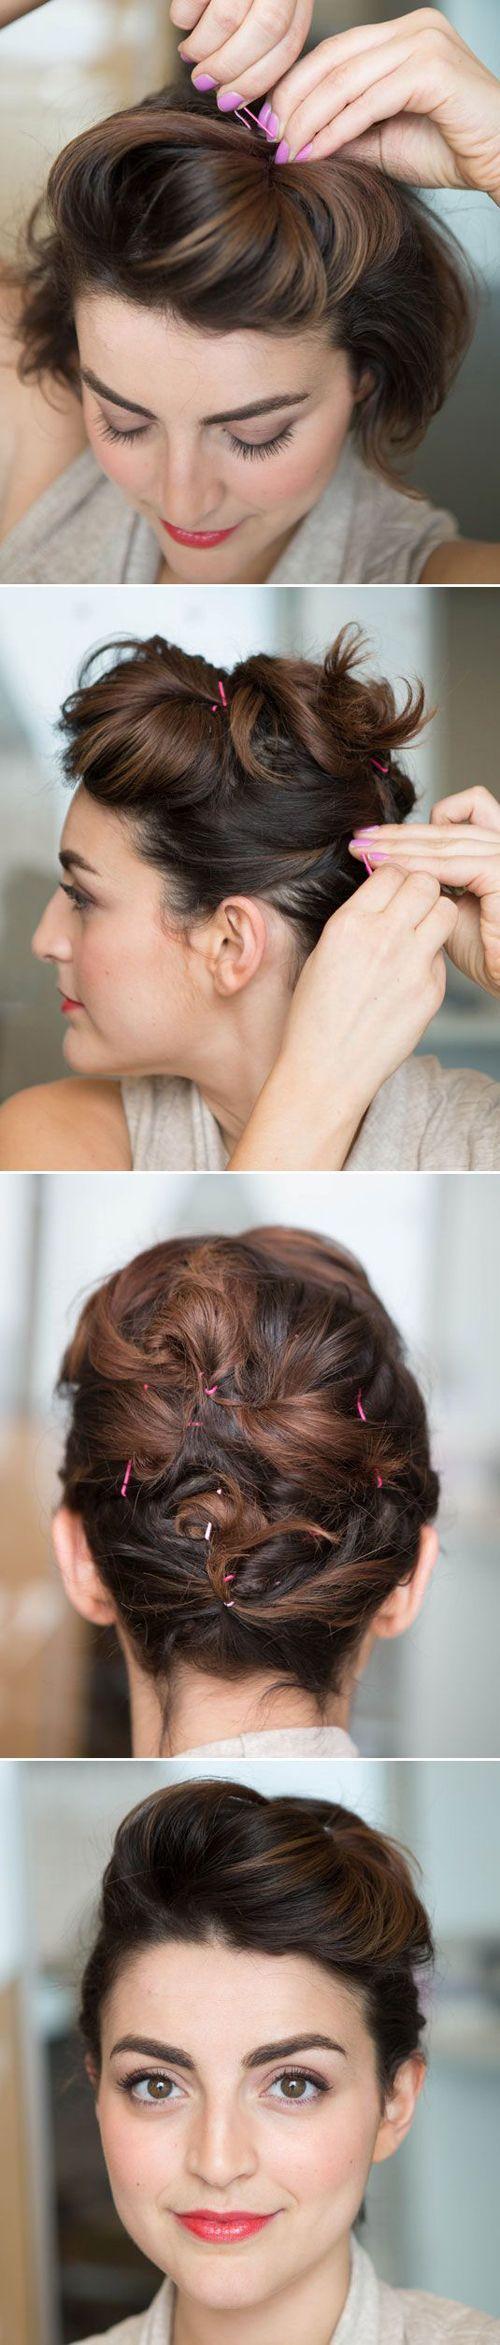 20 einfache Frisuren für kurzes Haar